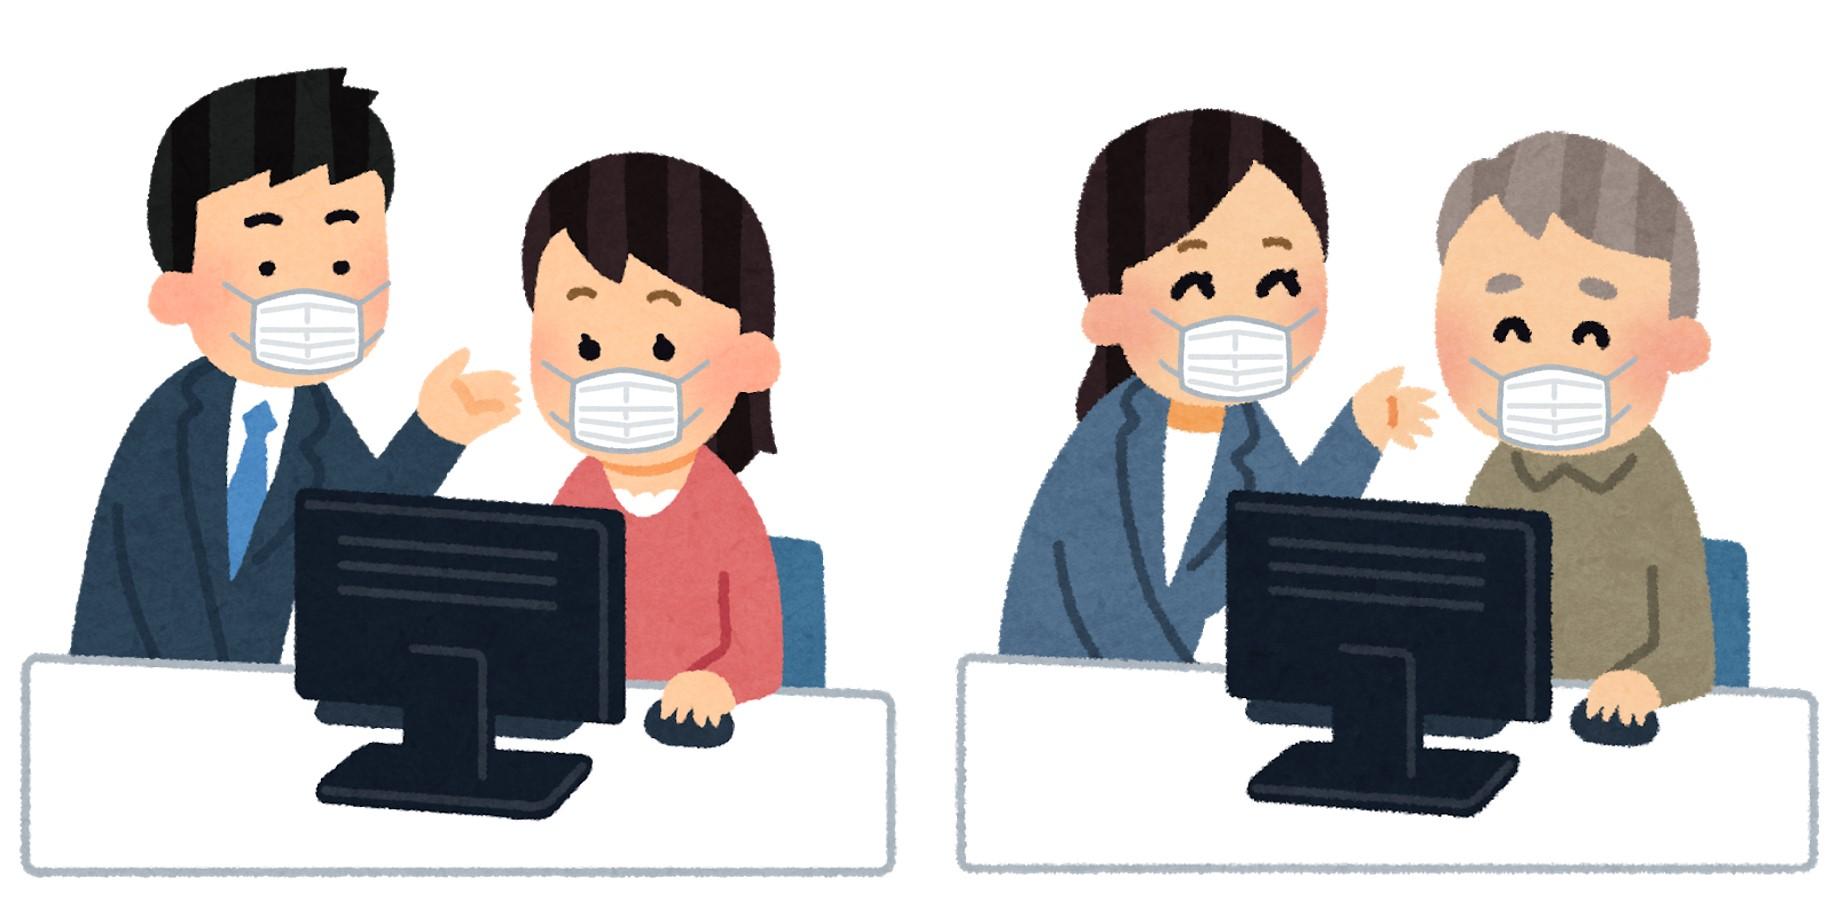 マスクをしてパソコンを教える人